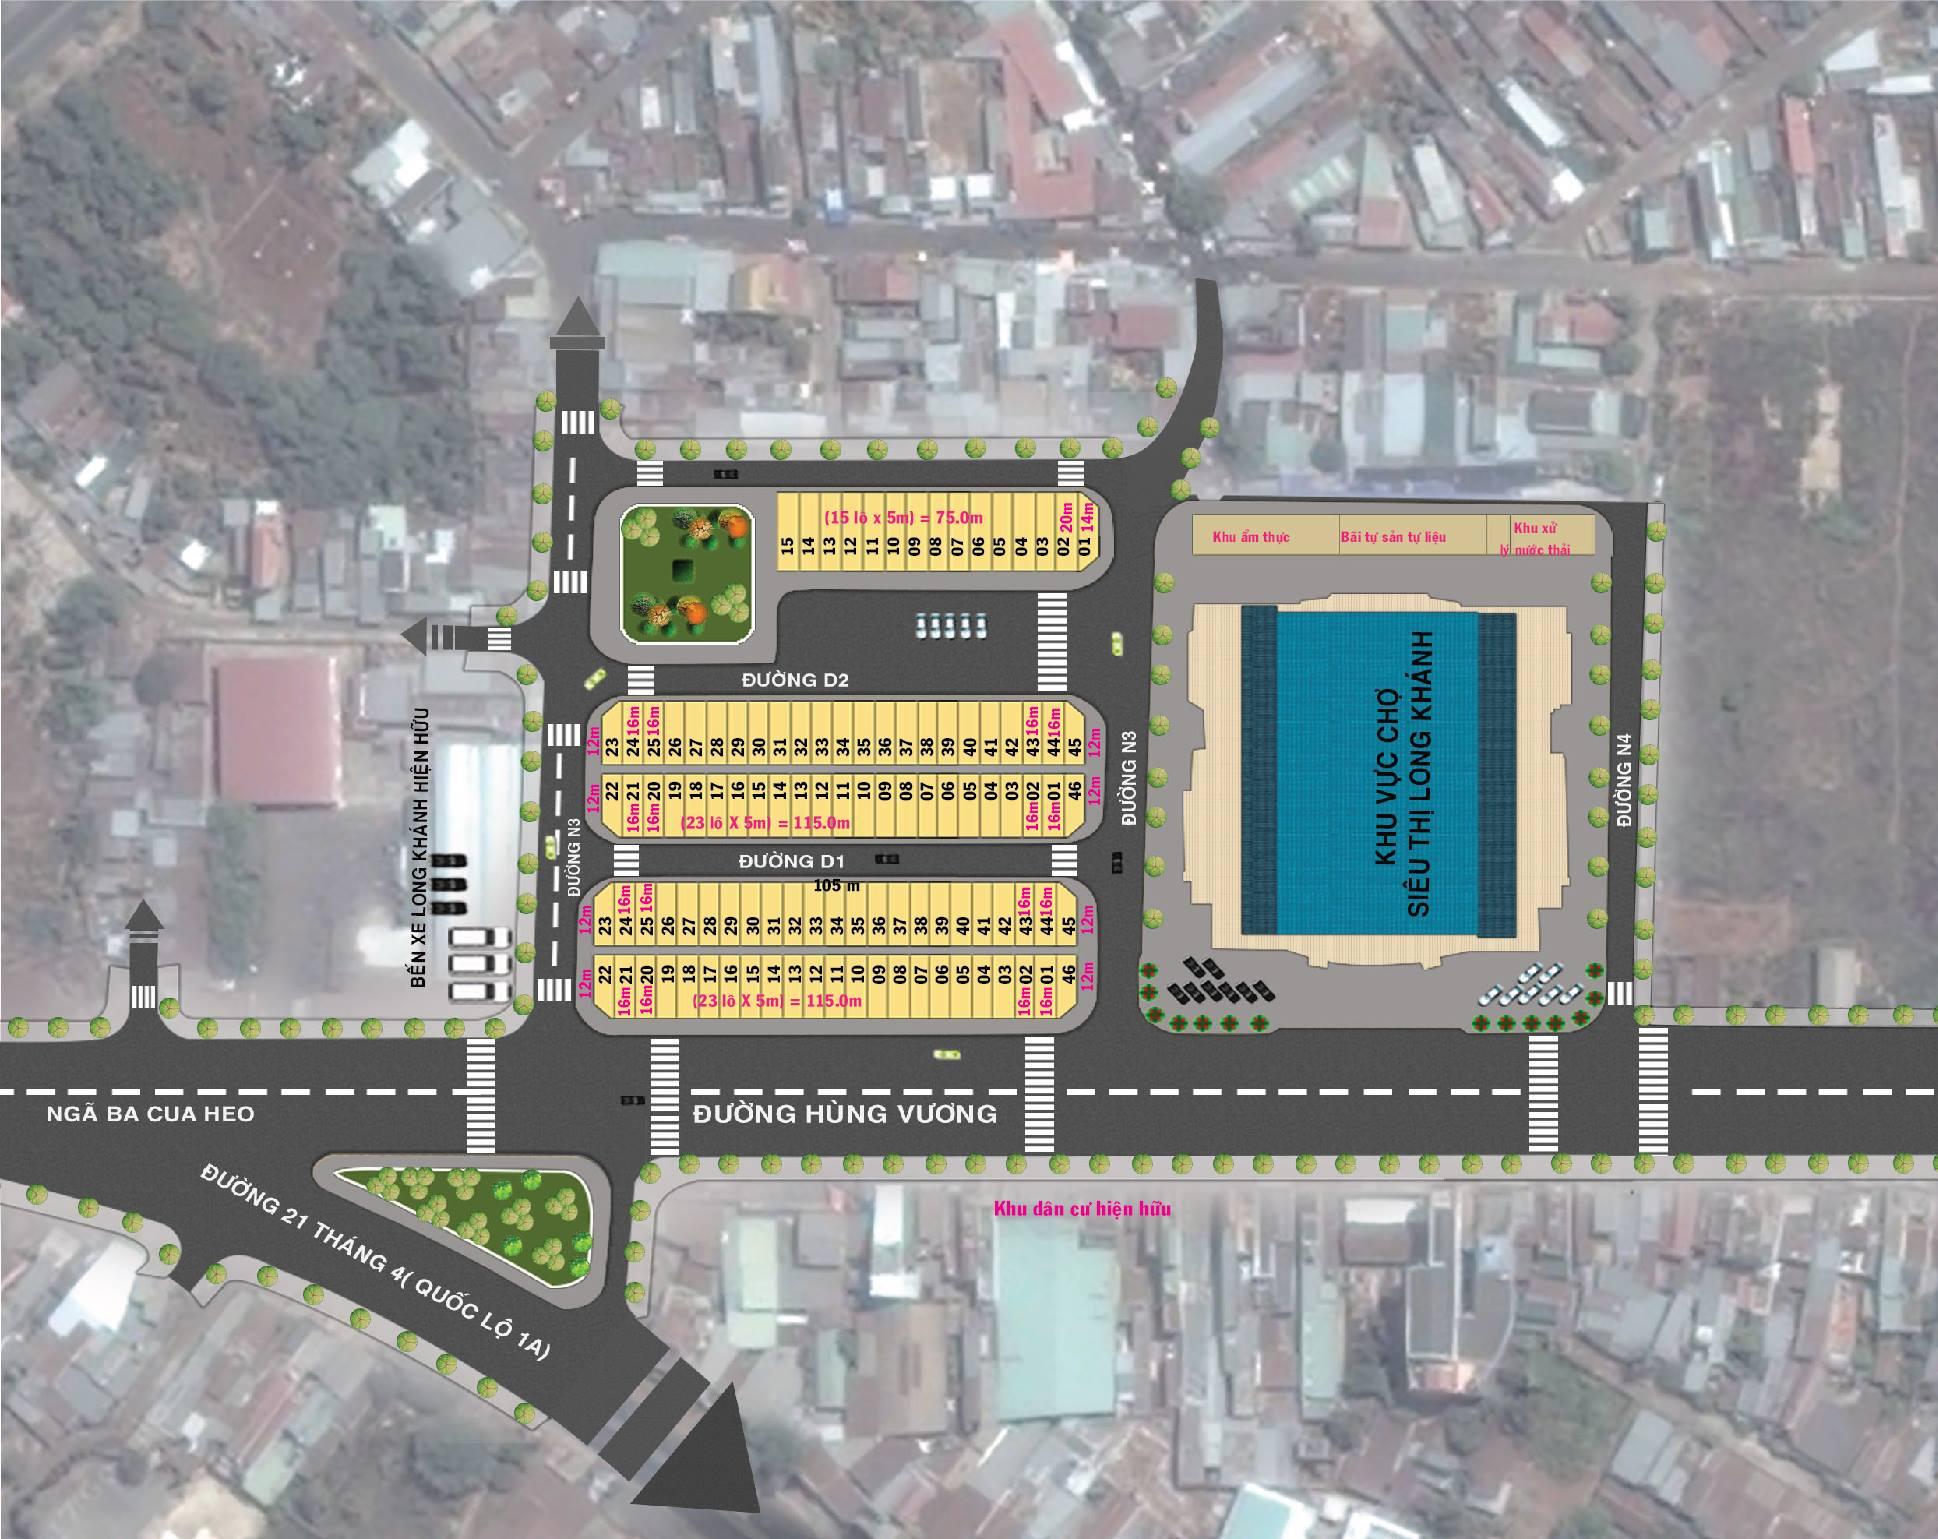 Nhà liên kế thương mại Long Khánh, thị xã Long Khánh, tỉnh Đồng Nai